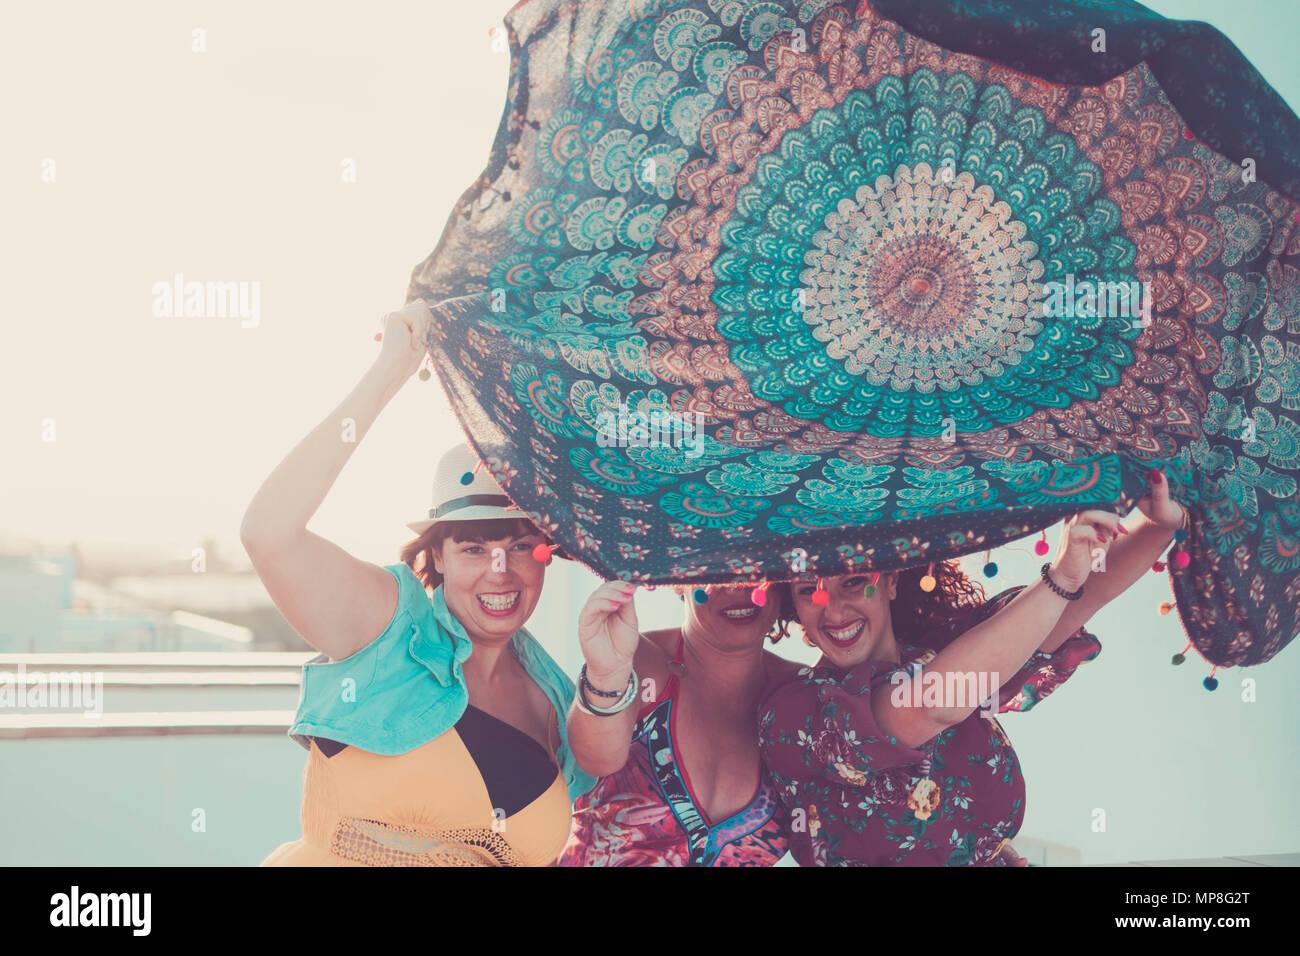 Drei junge schöne weibliche Damen nehmen ein Mandala Textil über die Köpfe. Spielen mit dem Wind in Aktivität im Freien. Sommer Konzept mit Sun backligh Stockbild